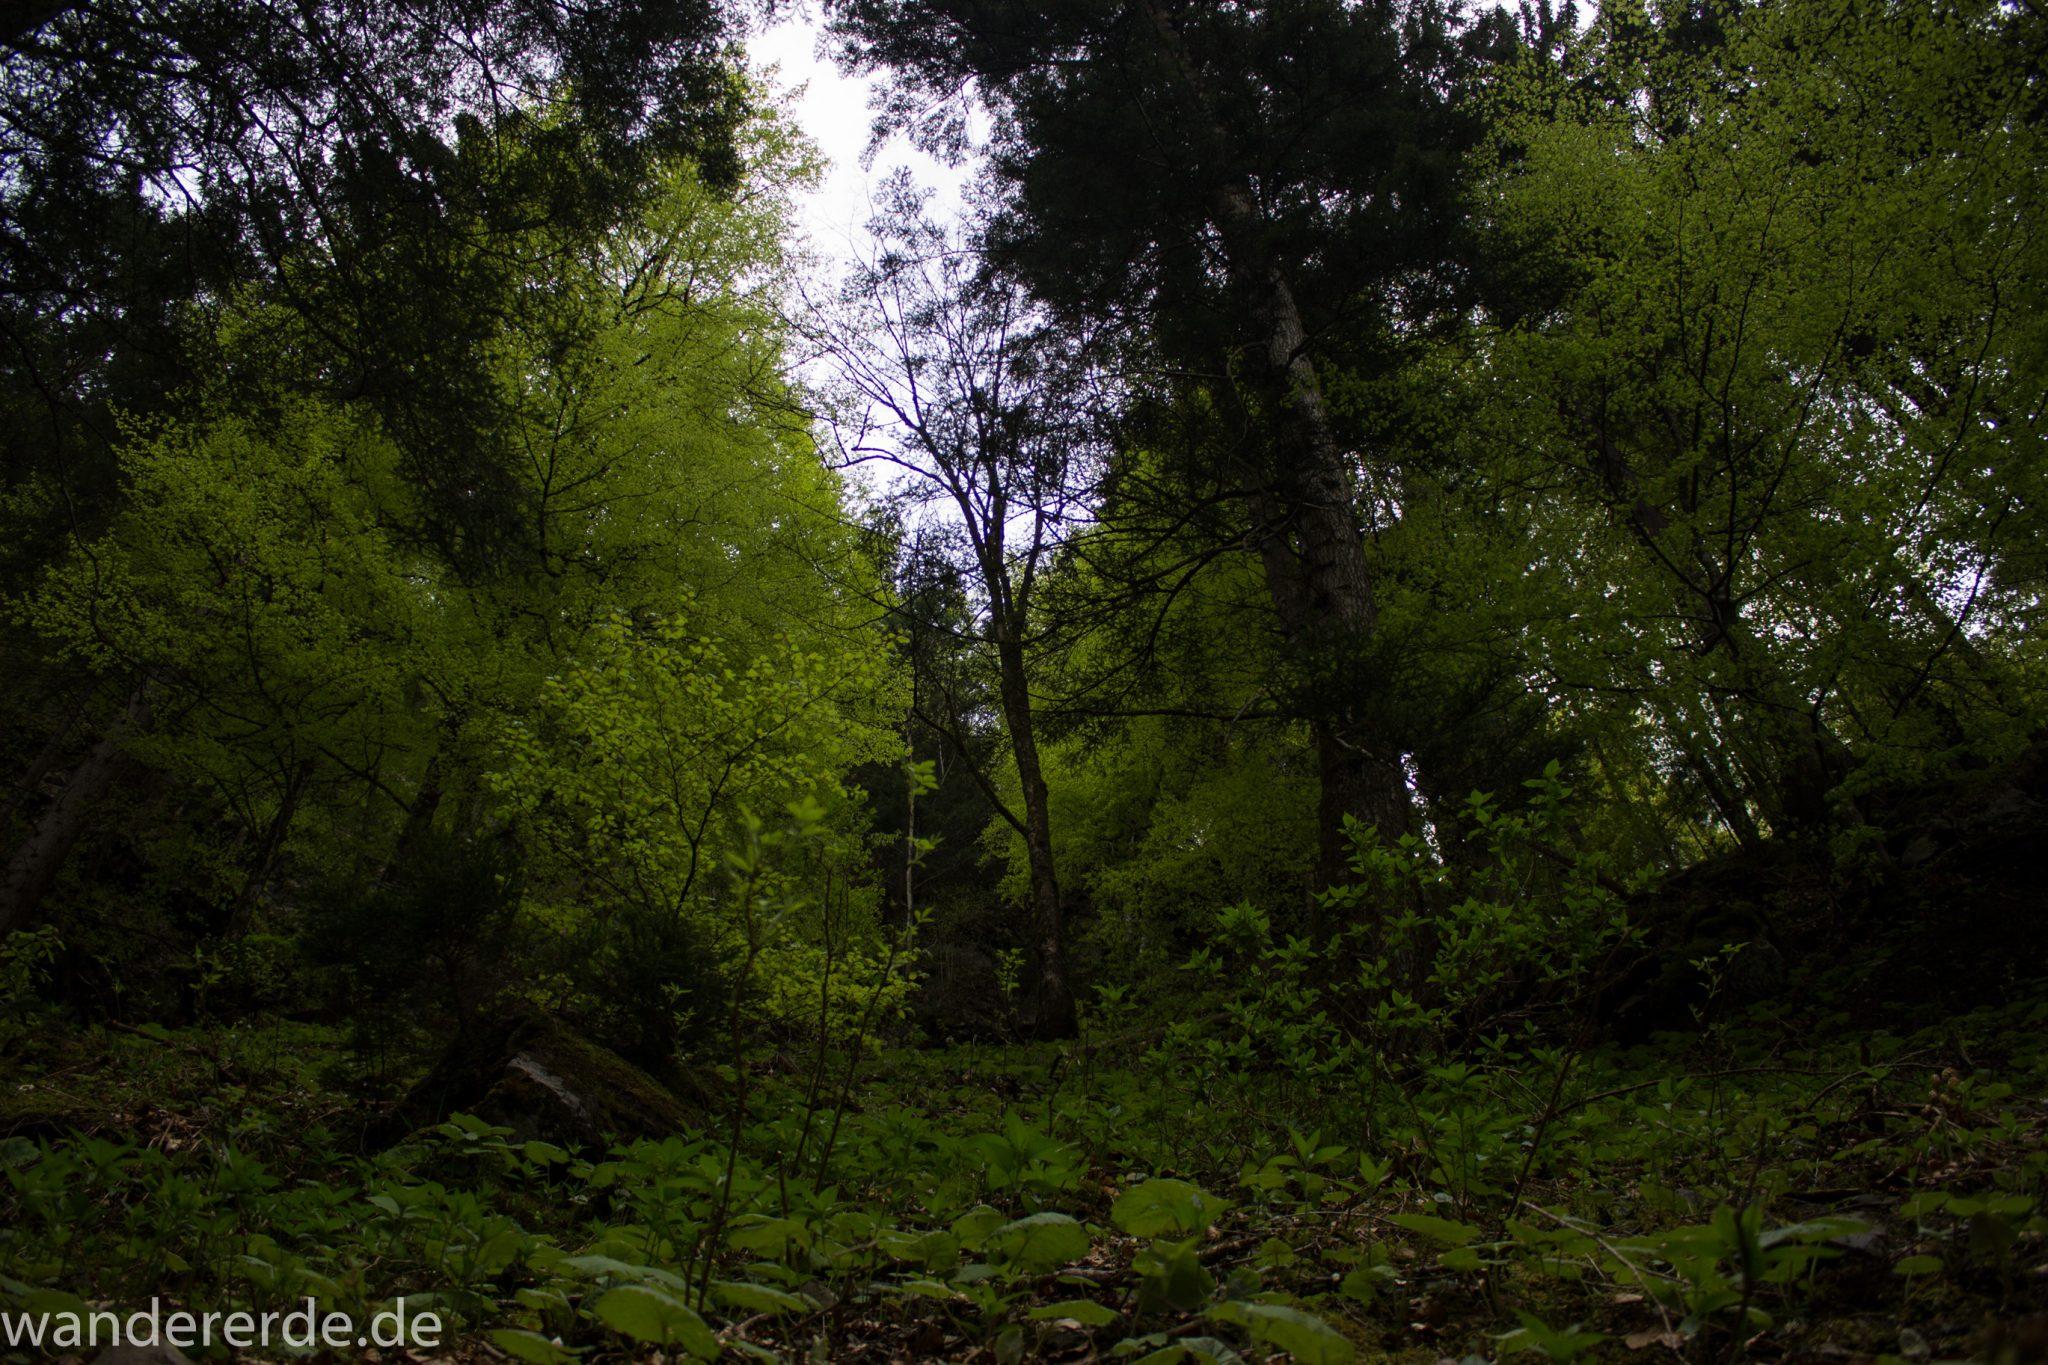 Wanderung Unterer Gaisalpsee, über Tobelweg zurück nach Oberstdorf, umgeben von schönem dichtem Mischwald, abwechselungsreicher sehr toller Wanderweg